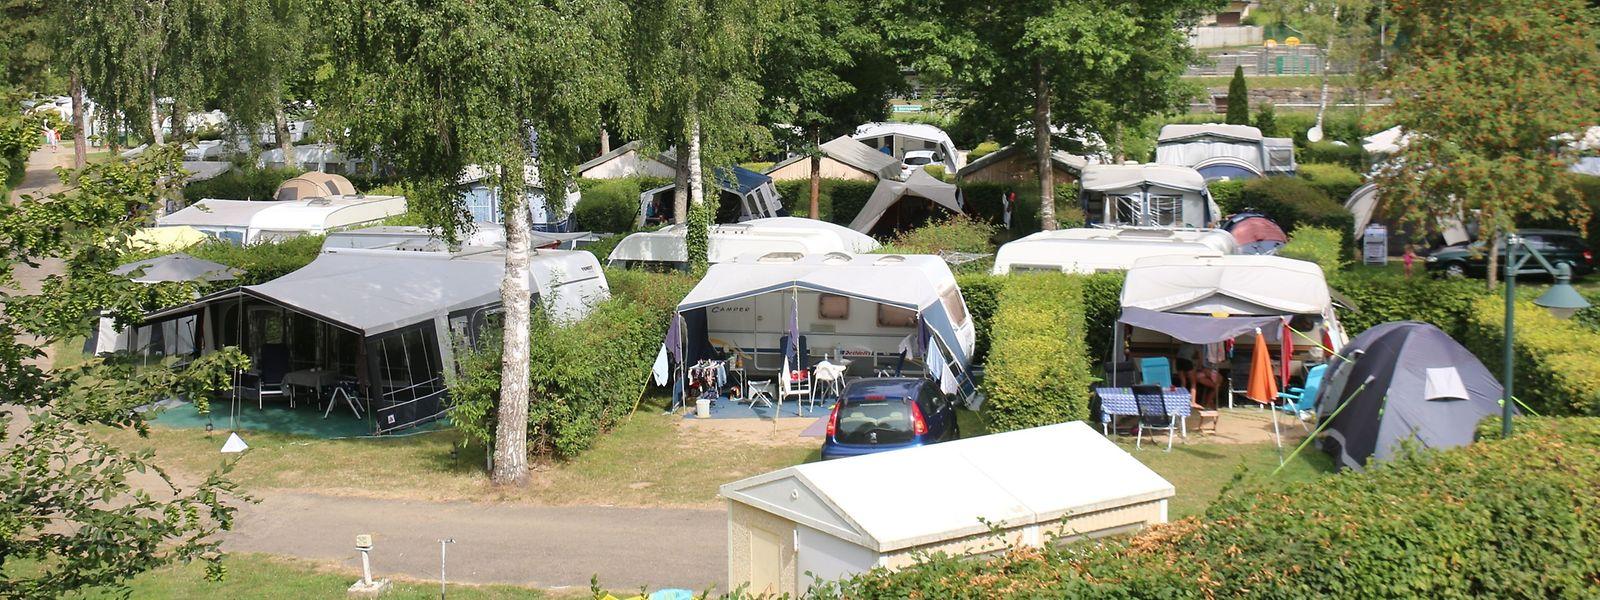 Besonders angenehm bei glühender Hitze: Das Campingareal bietet viele schattige Plätze.